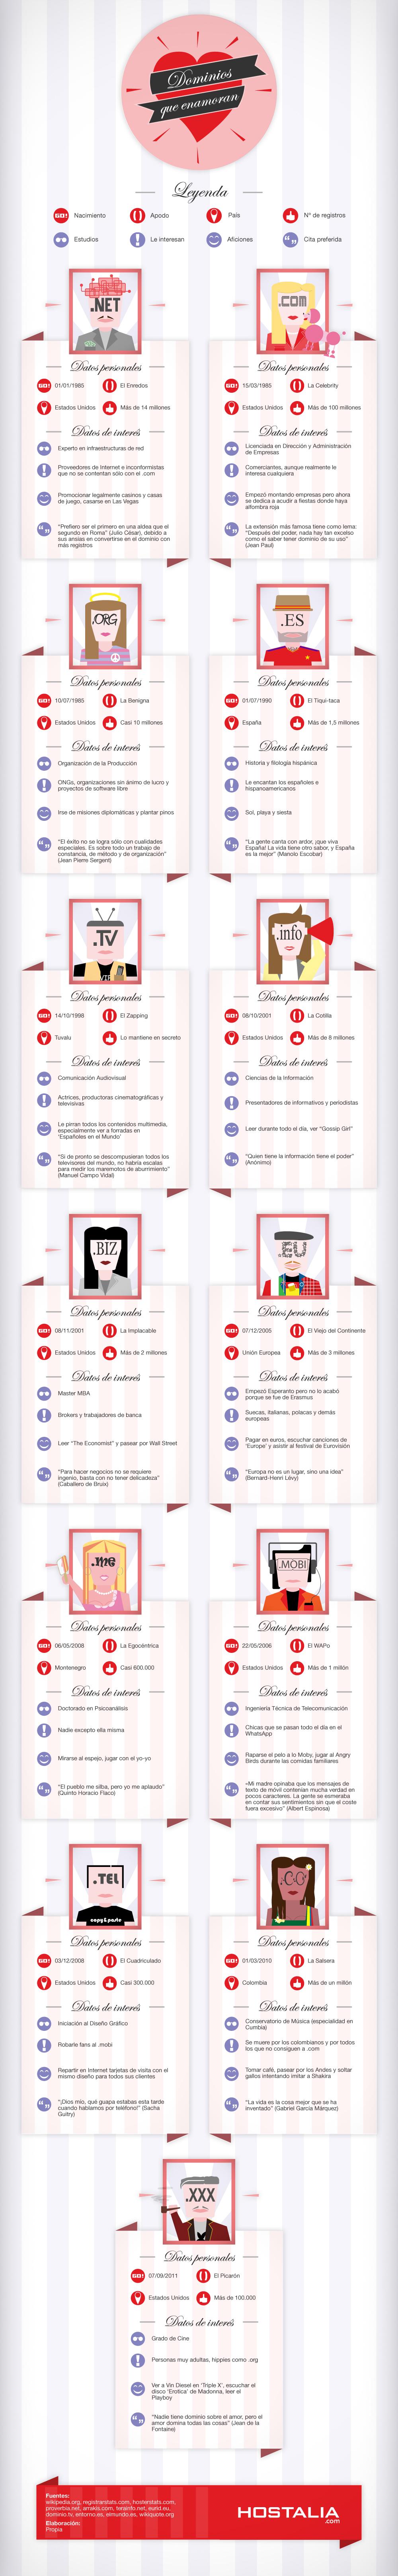 Infografía: Los dominios que más enamoran